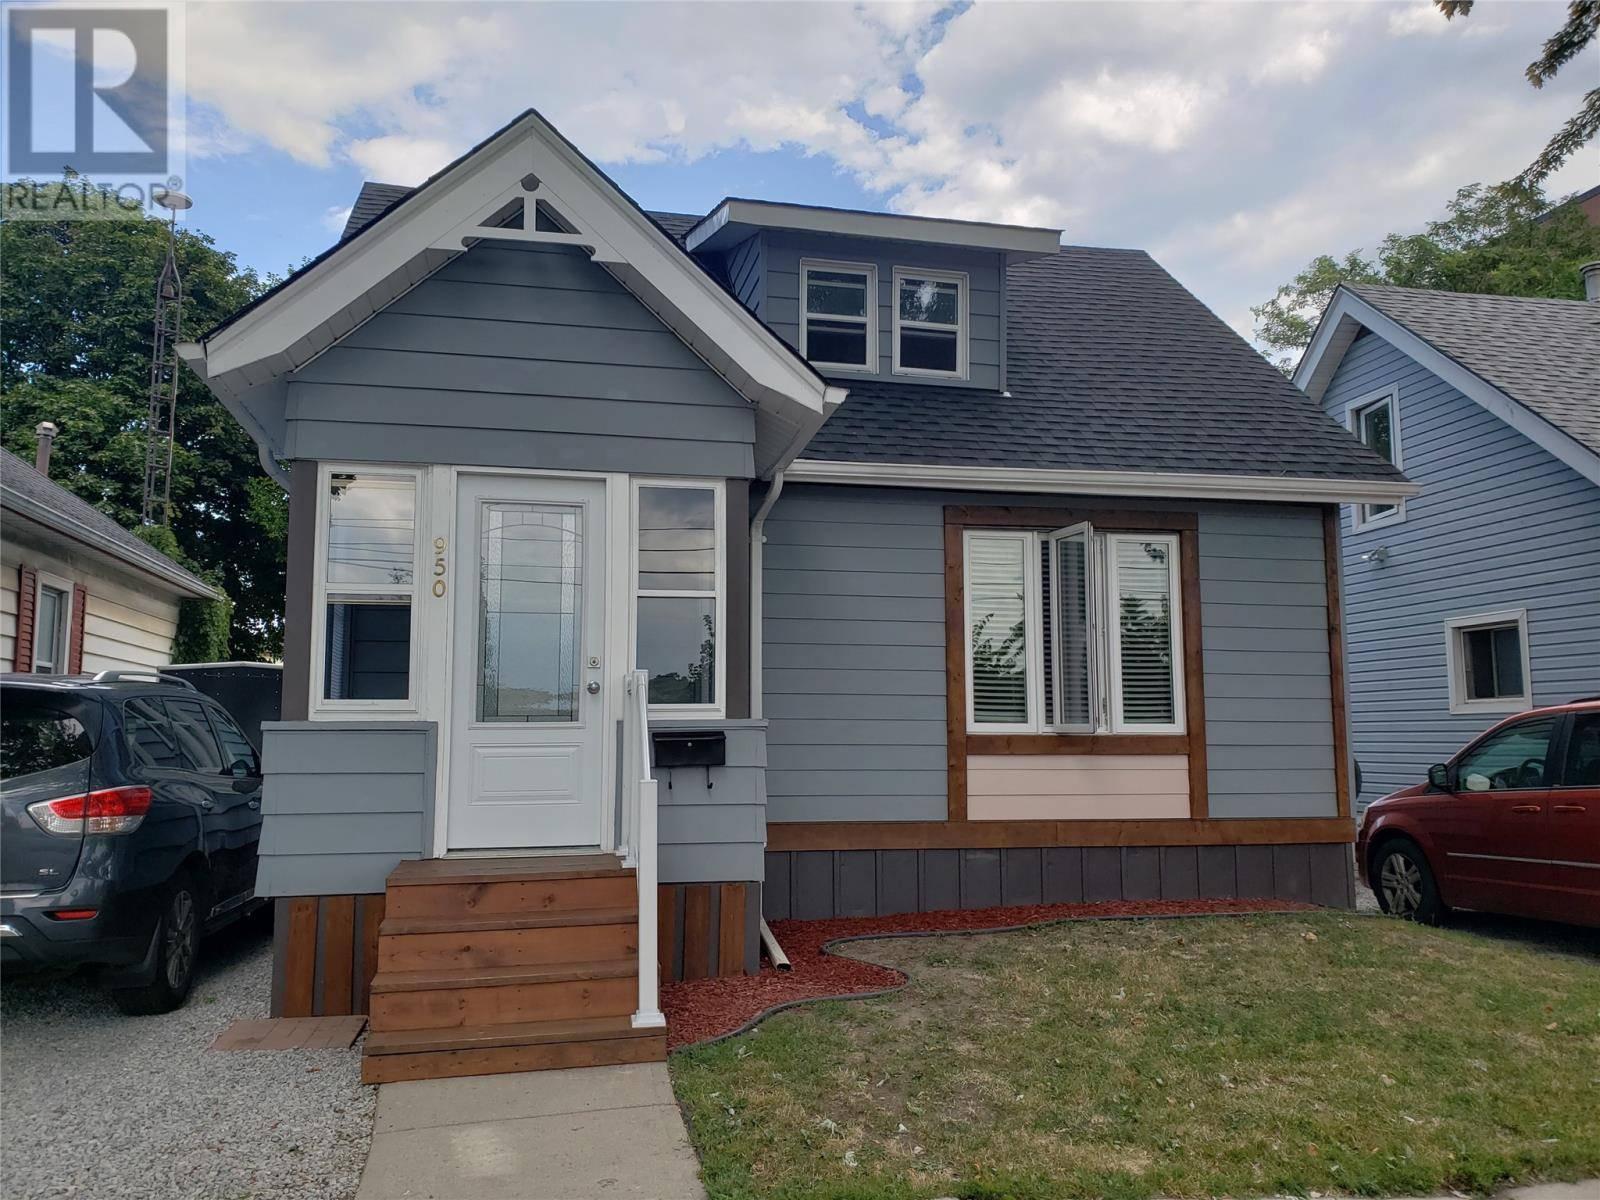 House for sale at 950 St. Luke Rd Windsor Ontario - MLS: 19024972